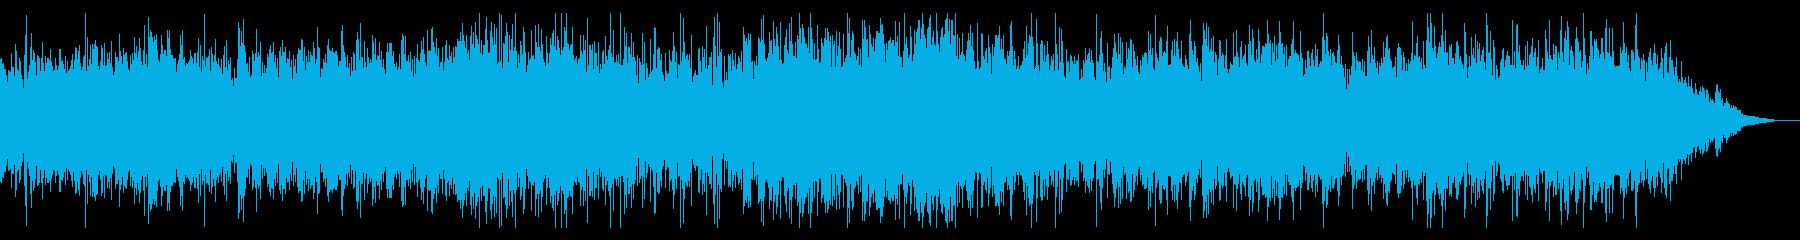 シネマティックなアンビエントIDMの再生済みの波形